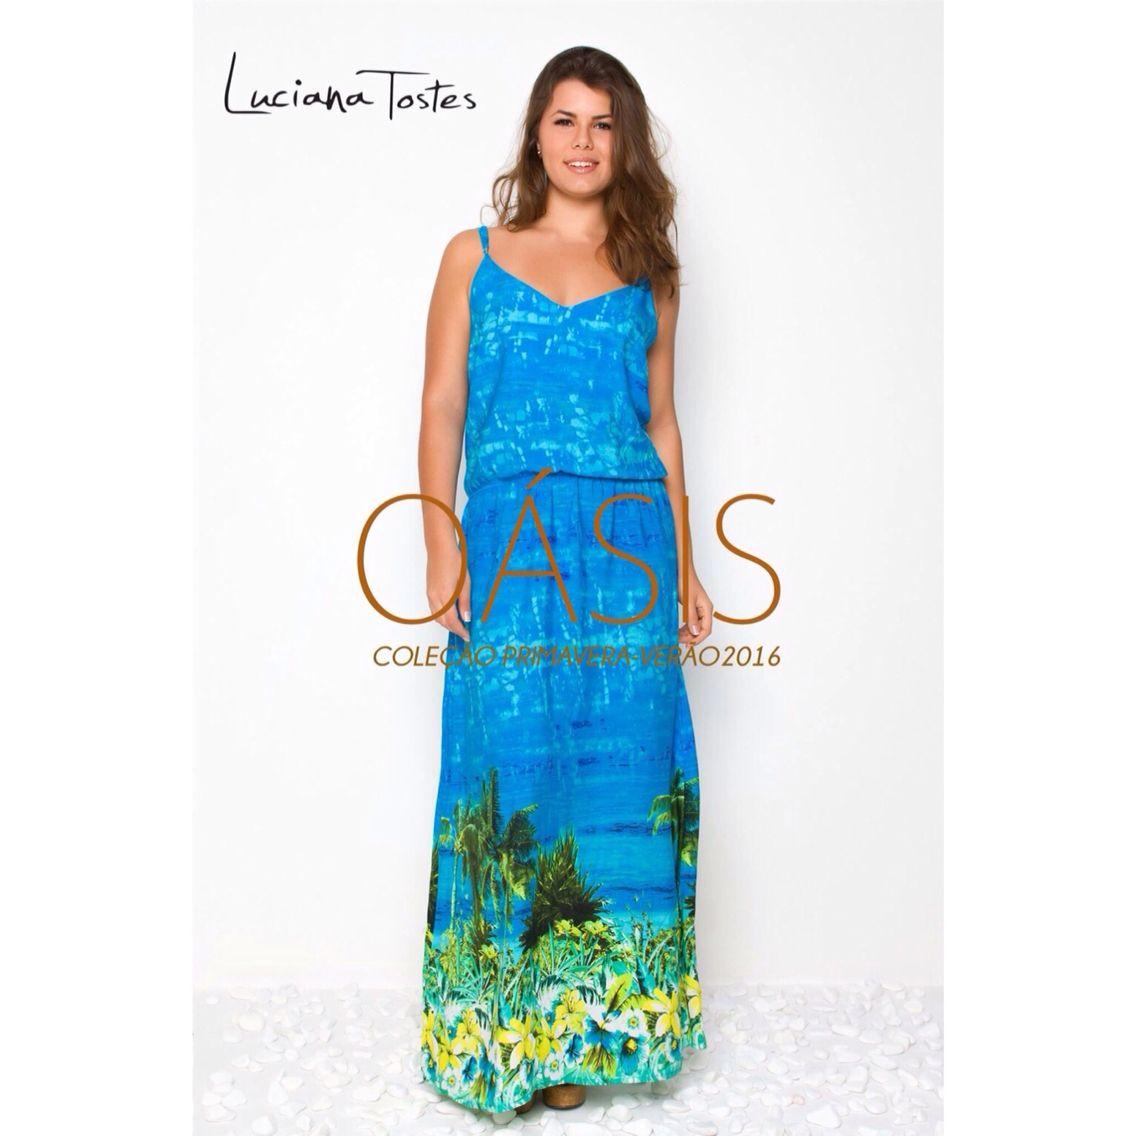 Vestido longo barrado!   Coleção Oásis  Primavera Verão 15/16!  Luciana Tostes